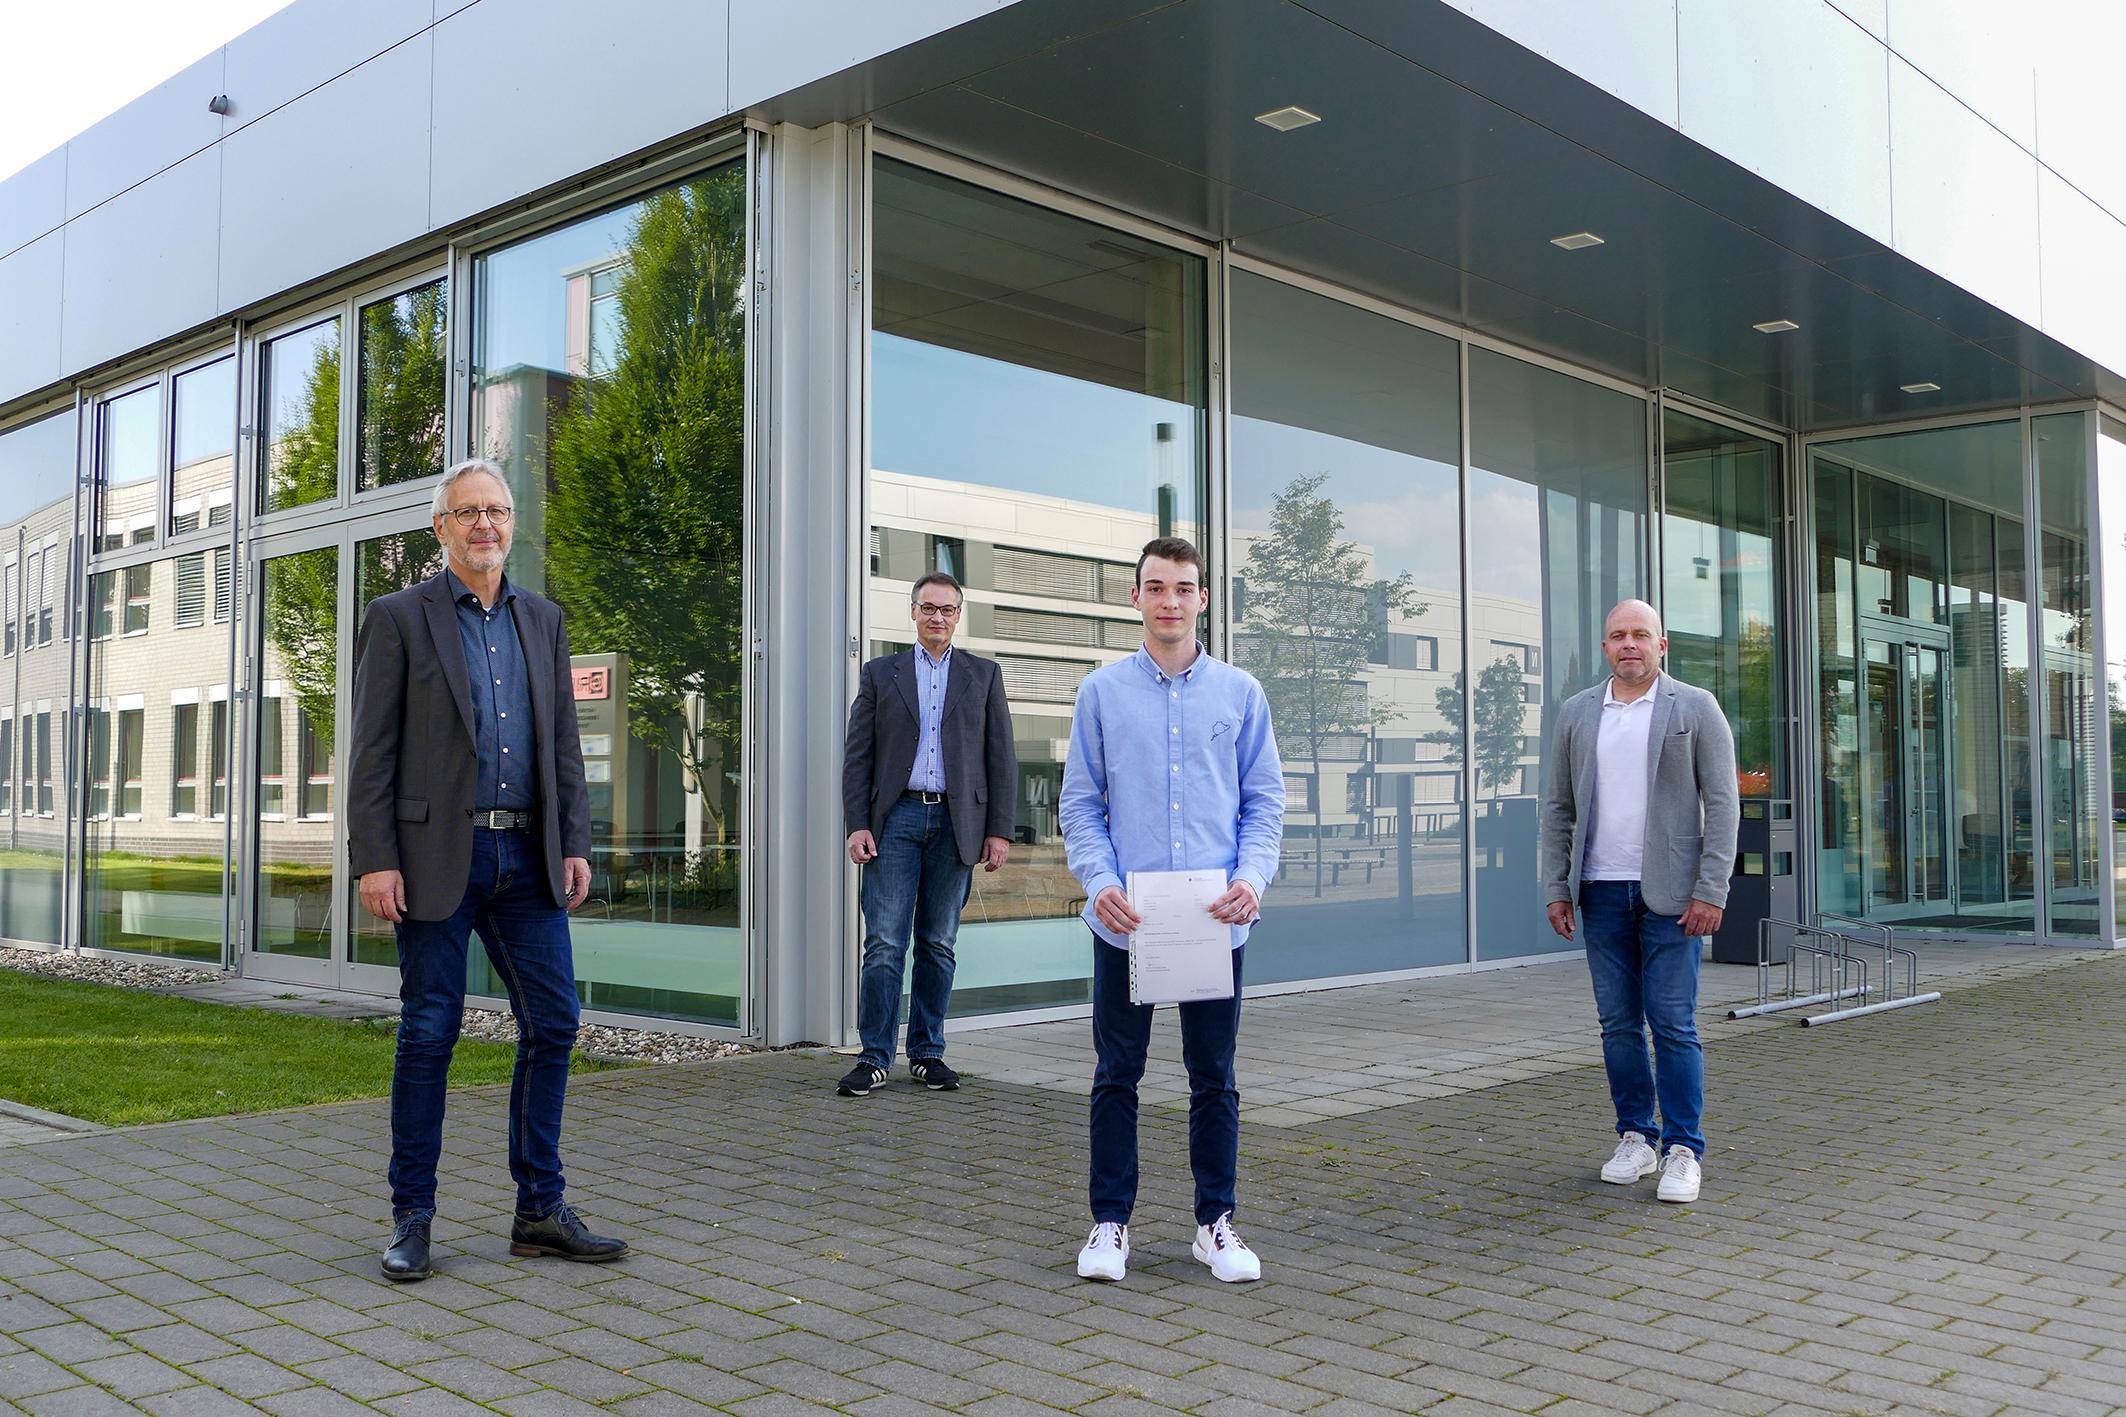 Prof. Effinger, Prof. te Vrugt, Johannes Frank und Oliver Glaser stehen auf dem Steinfurter Campus vor dem S-Gebäude.